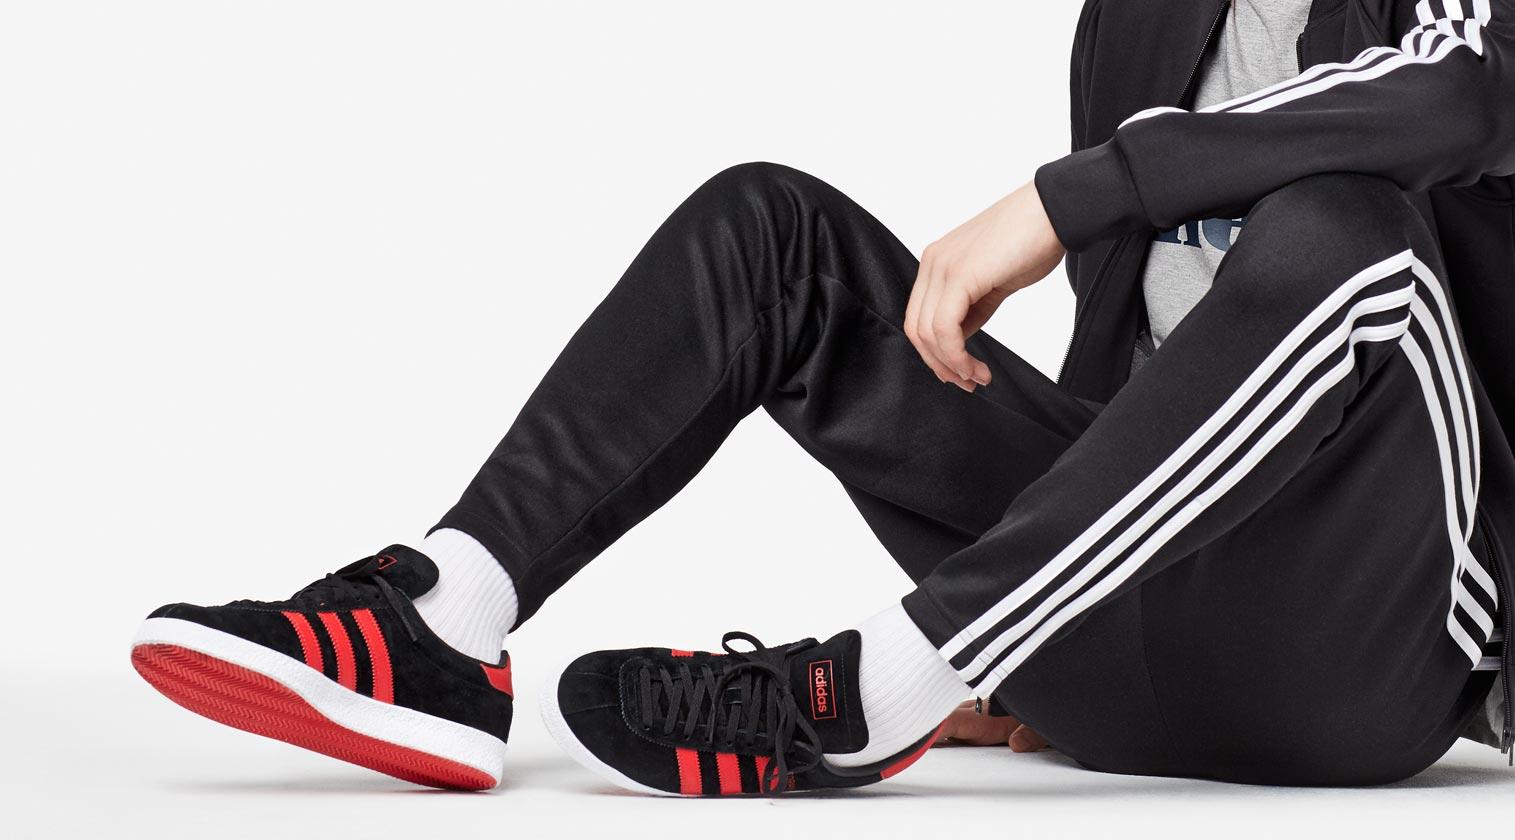 Acheter ses chaussures sur internet